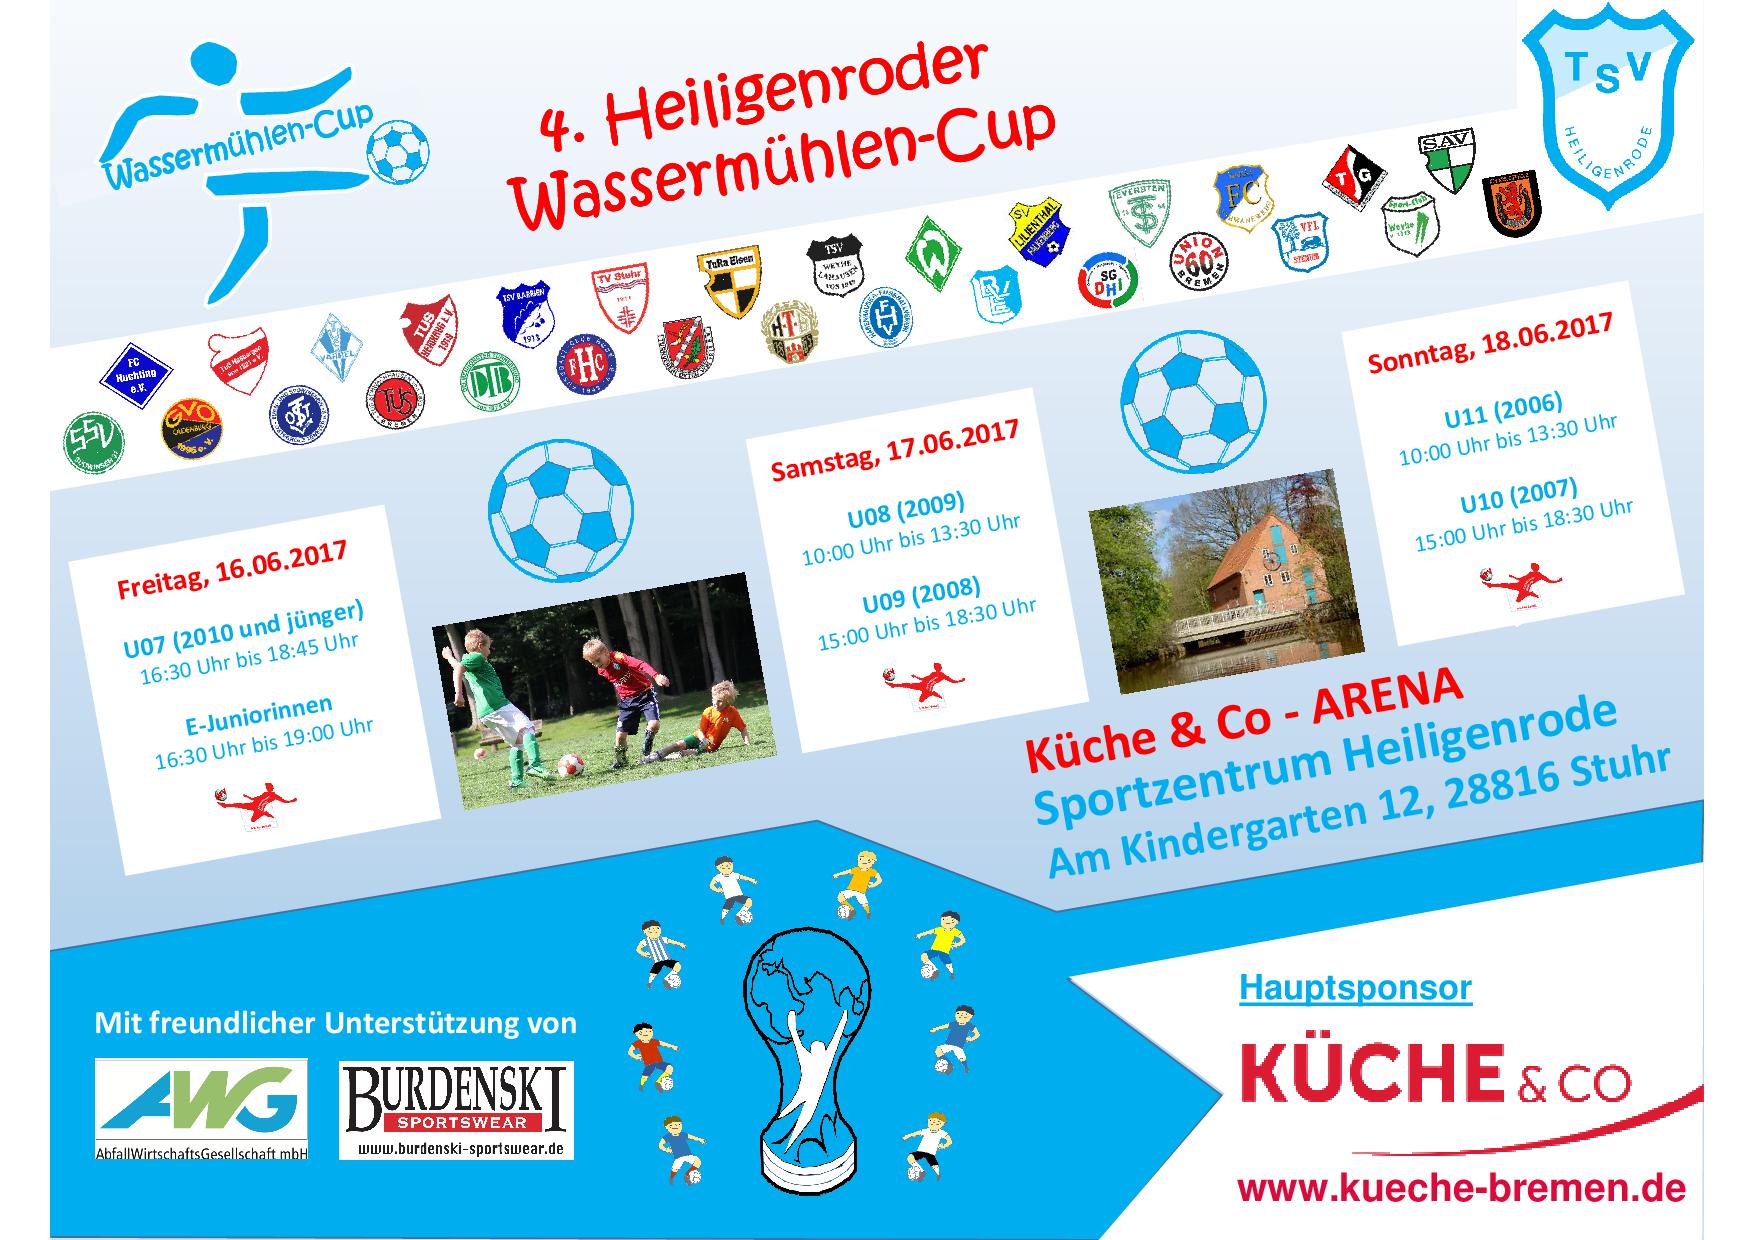 Morgen beginnt endlich der Wassermühlen-Cup! - TSV Heiligenrode von ...